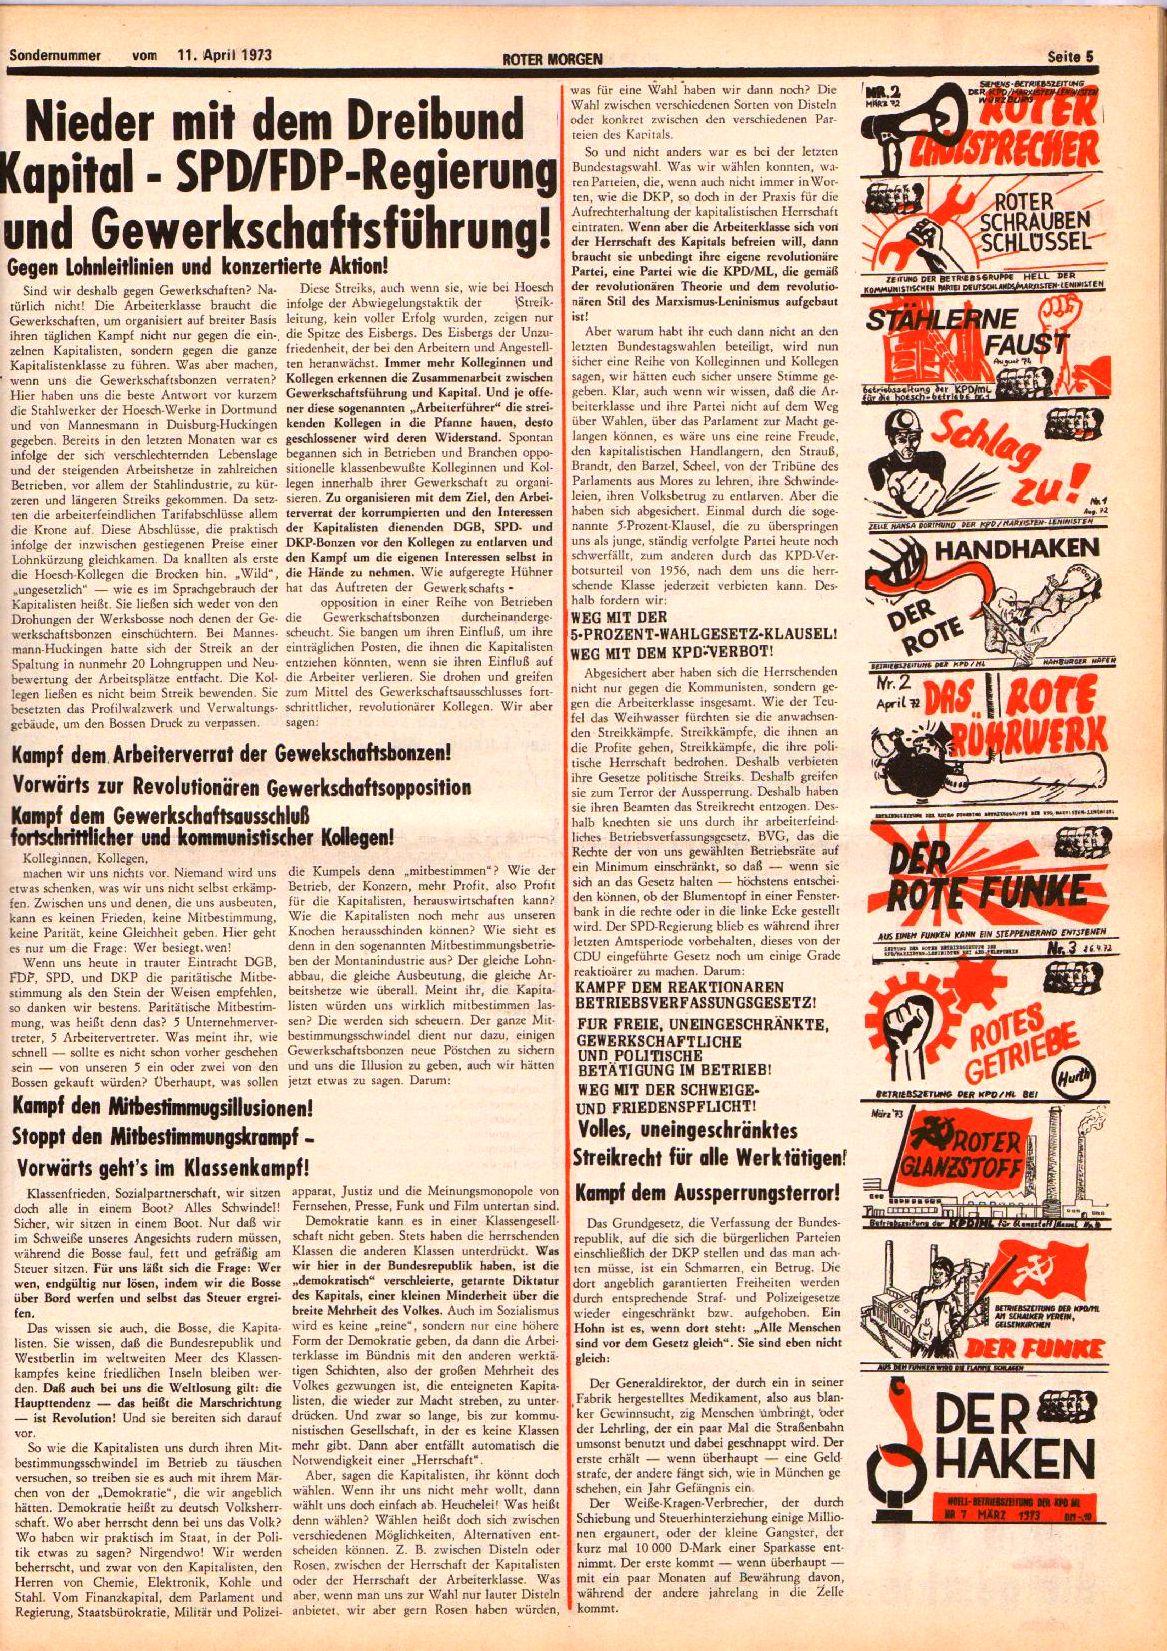 RM_1973_13_Sondernummer_05